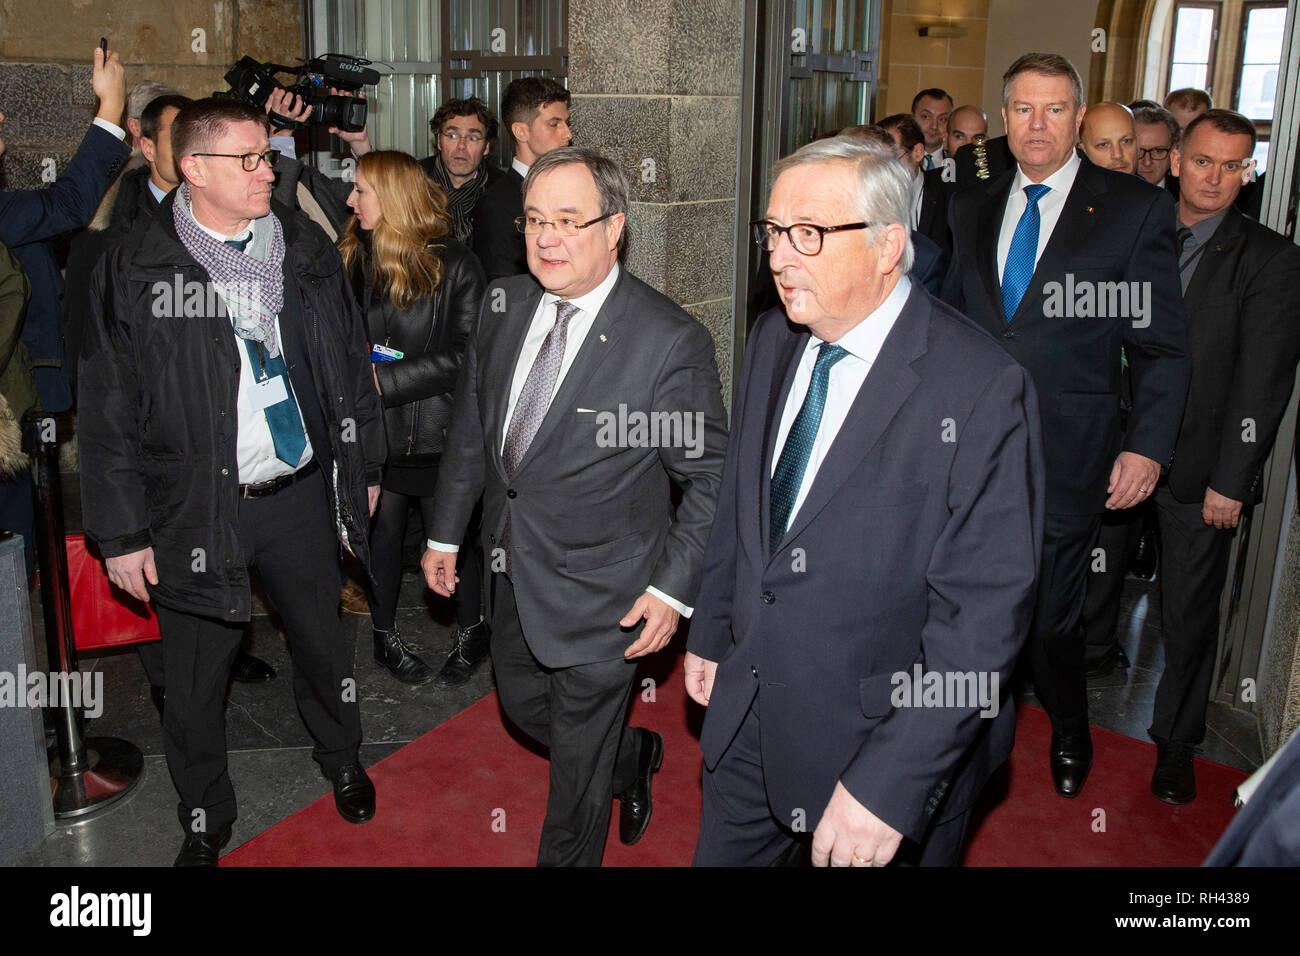 Armin Laschet und Jean-Claude Juncker bei der Erneuerung des deutsch-französischen Freundschaftsvertrages im Rathaus. Aachen, 22.01.2019 - Stock Image